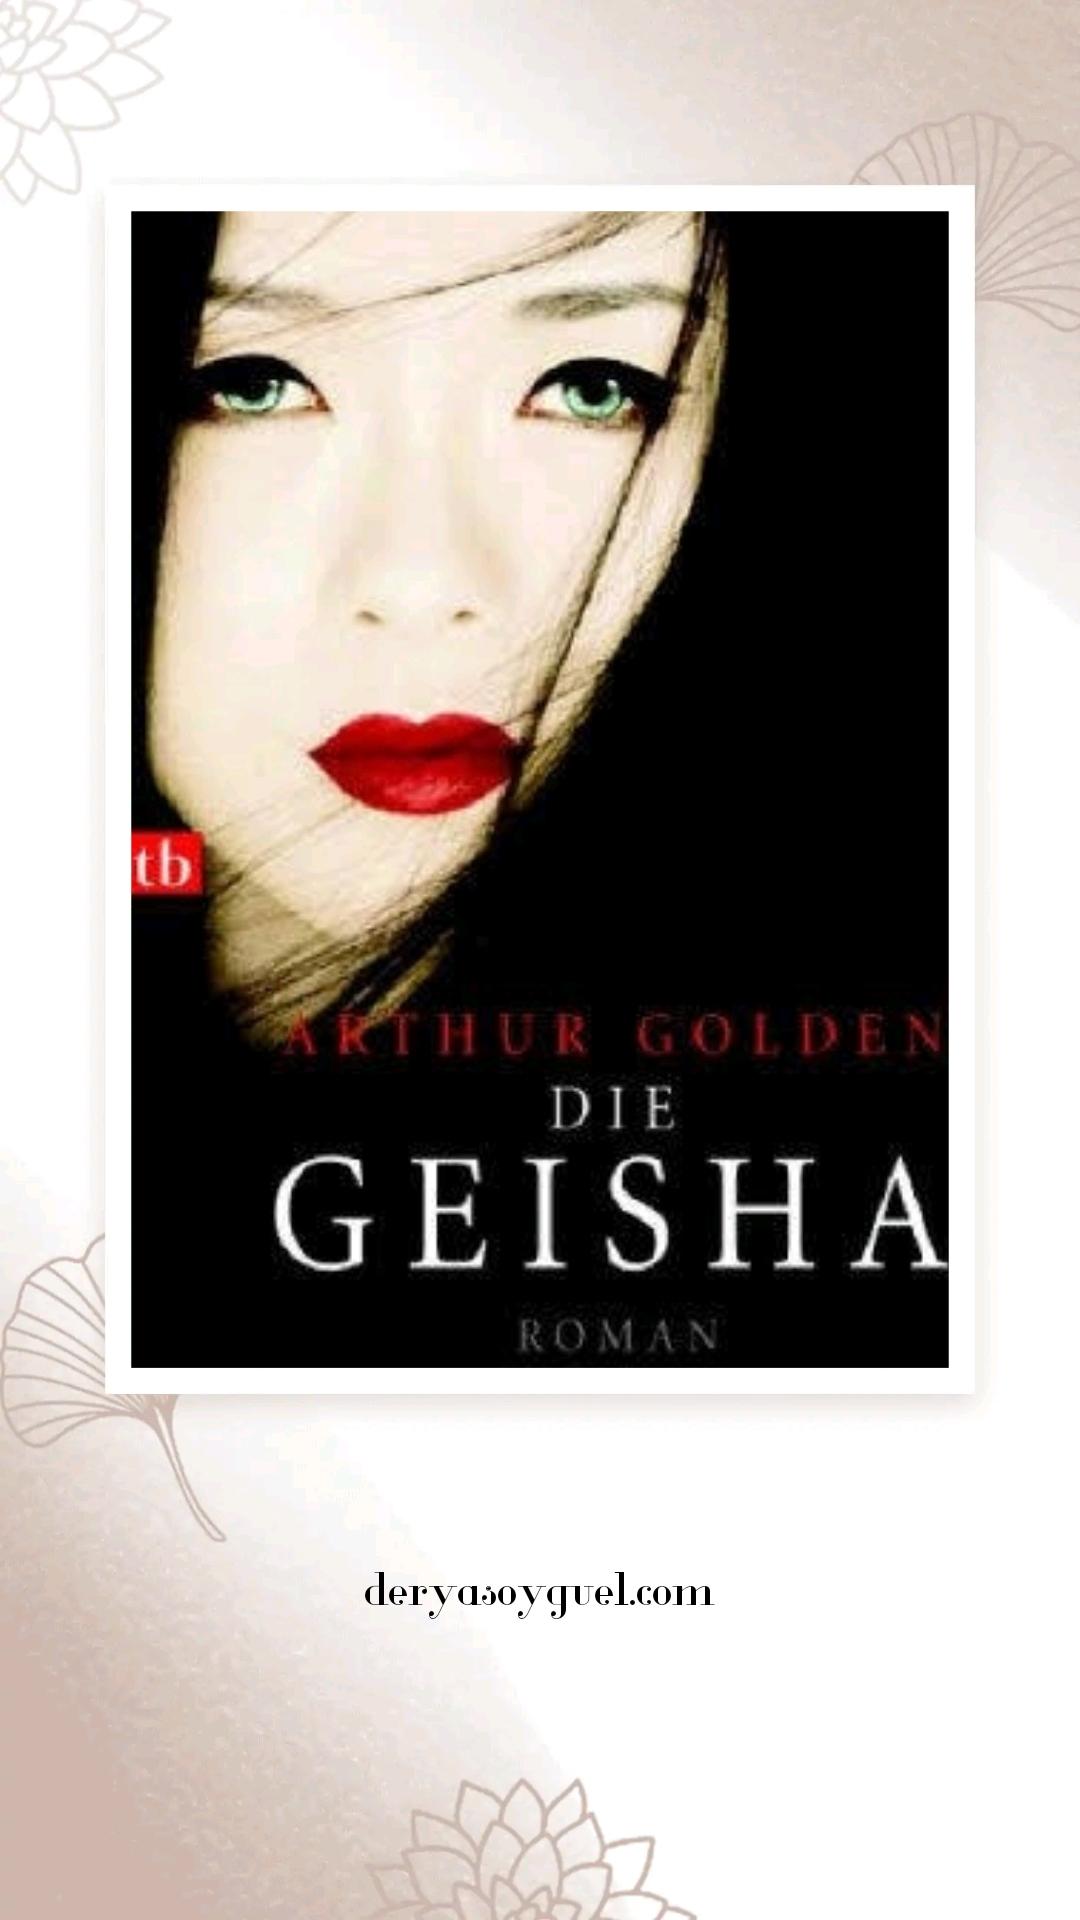 Geyşa - Arthur Golden - Kitap Tavsiyesi